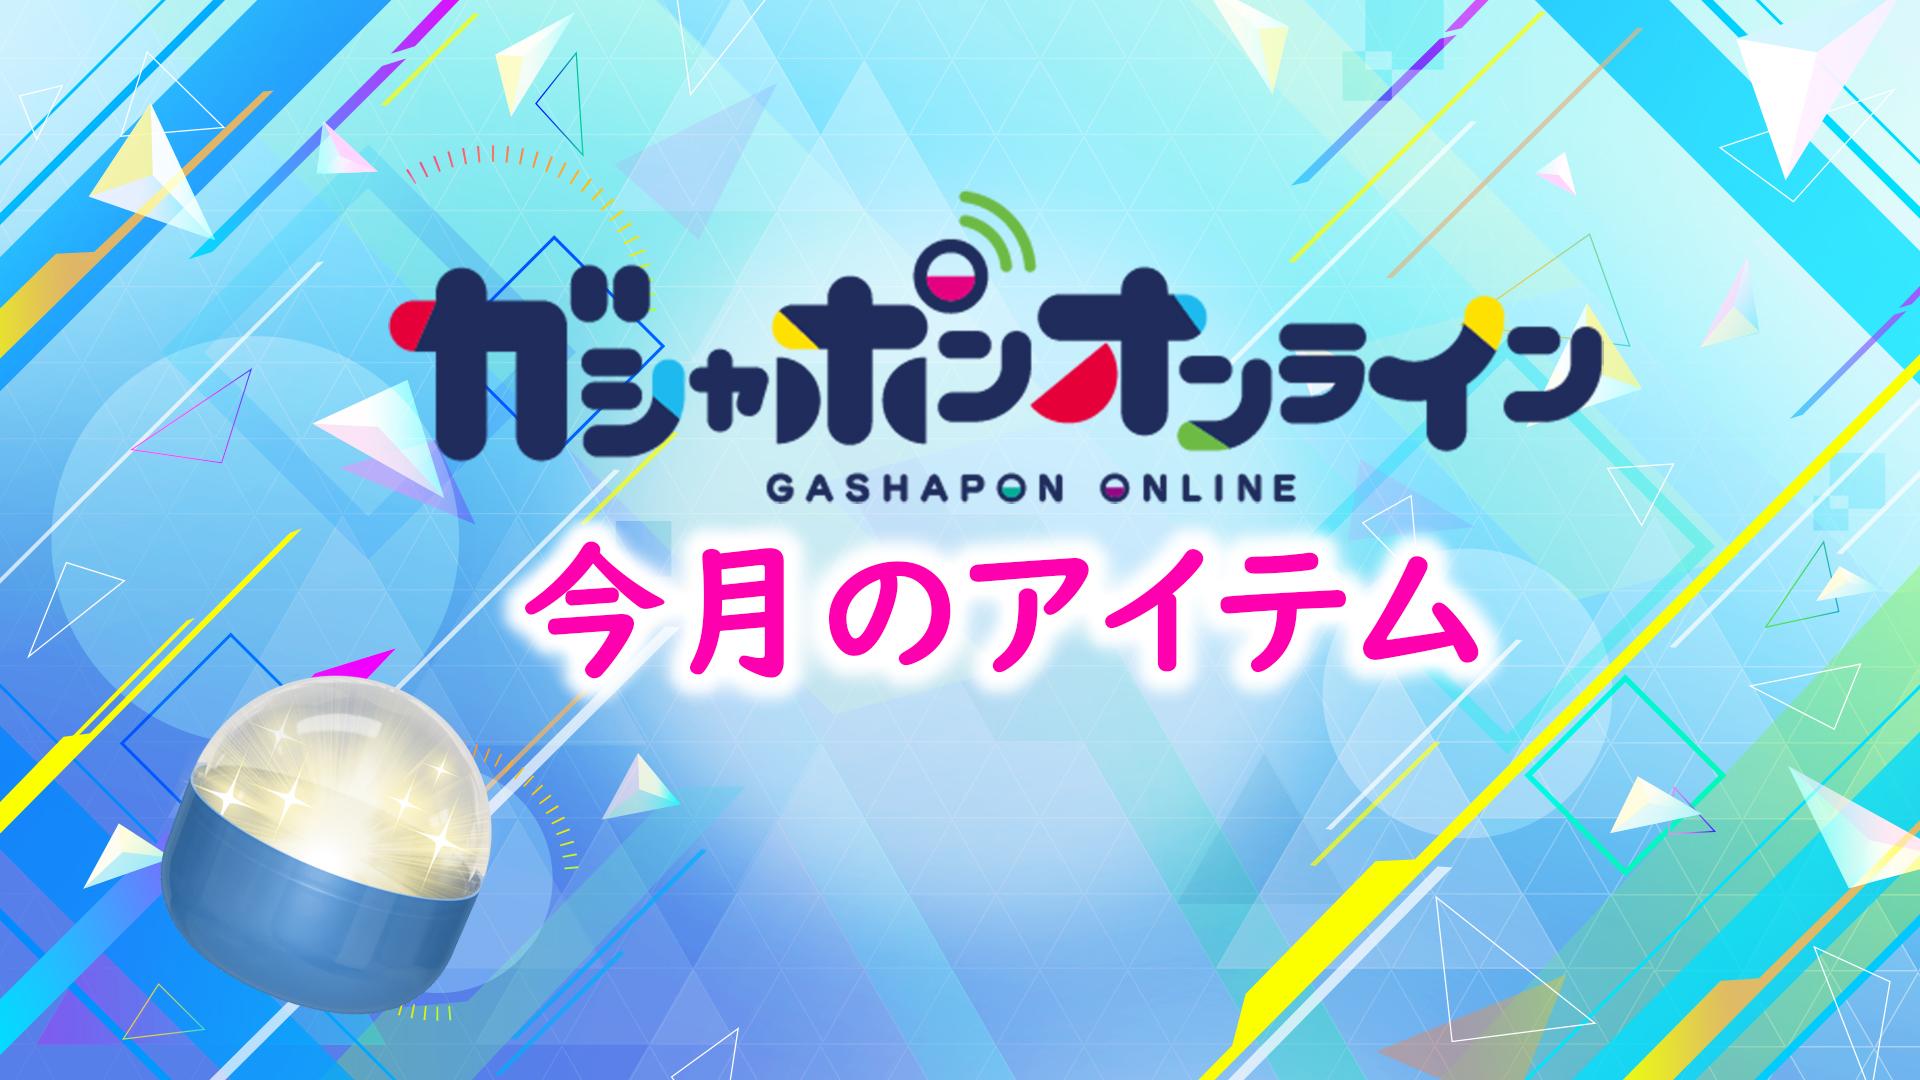 ガシャポンオンライン 7月アイテムをご紹介!